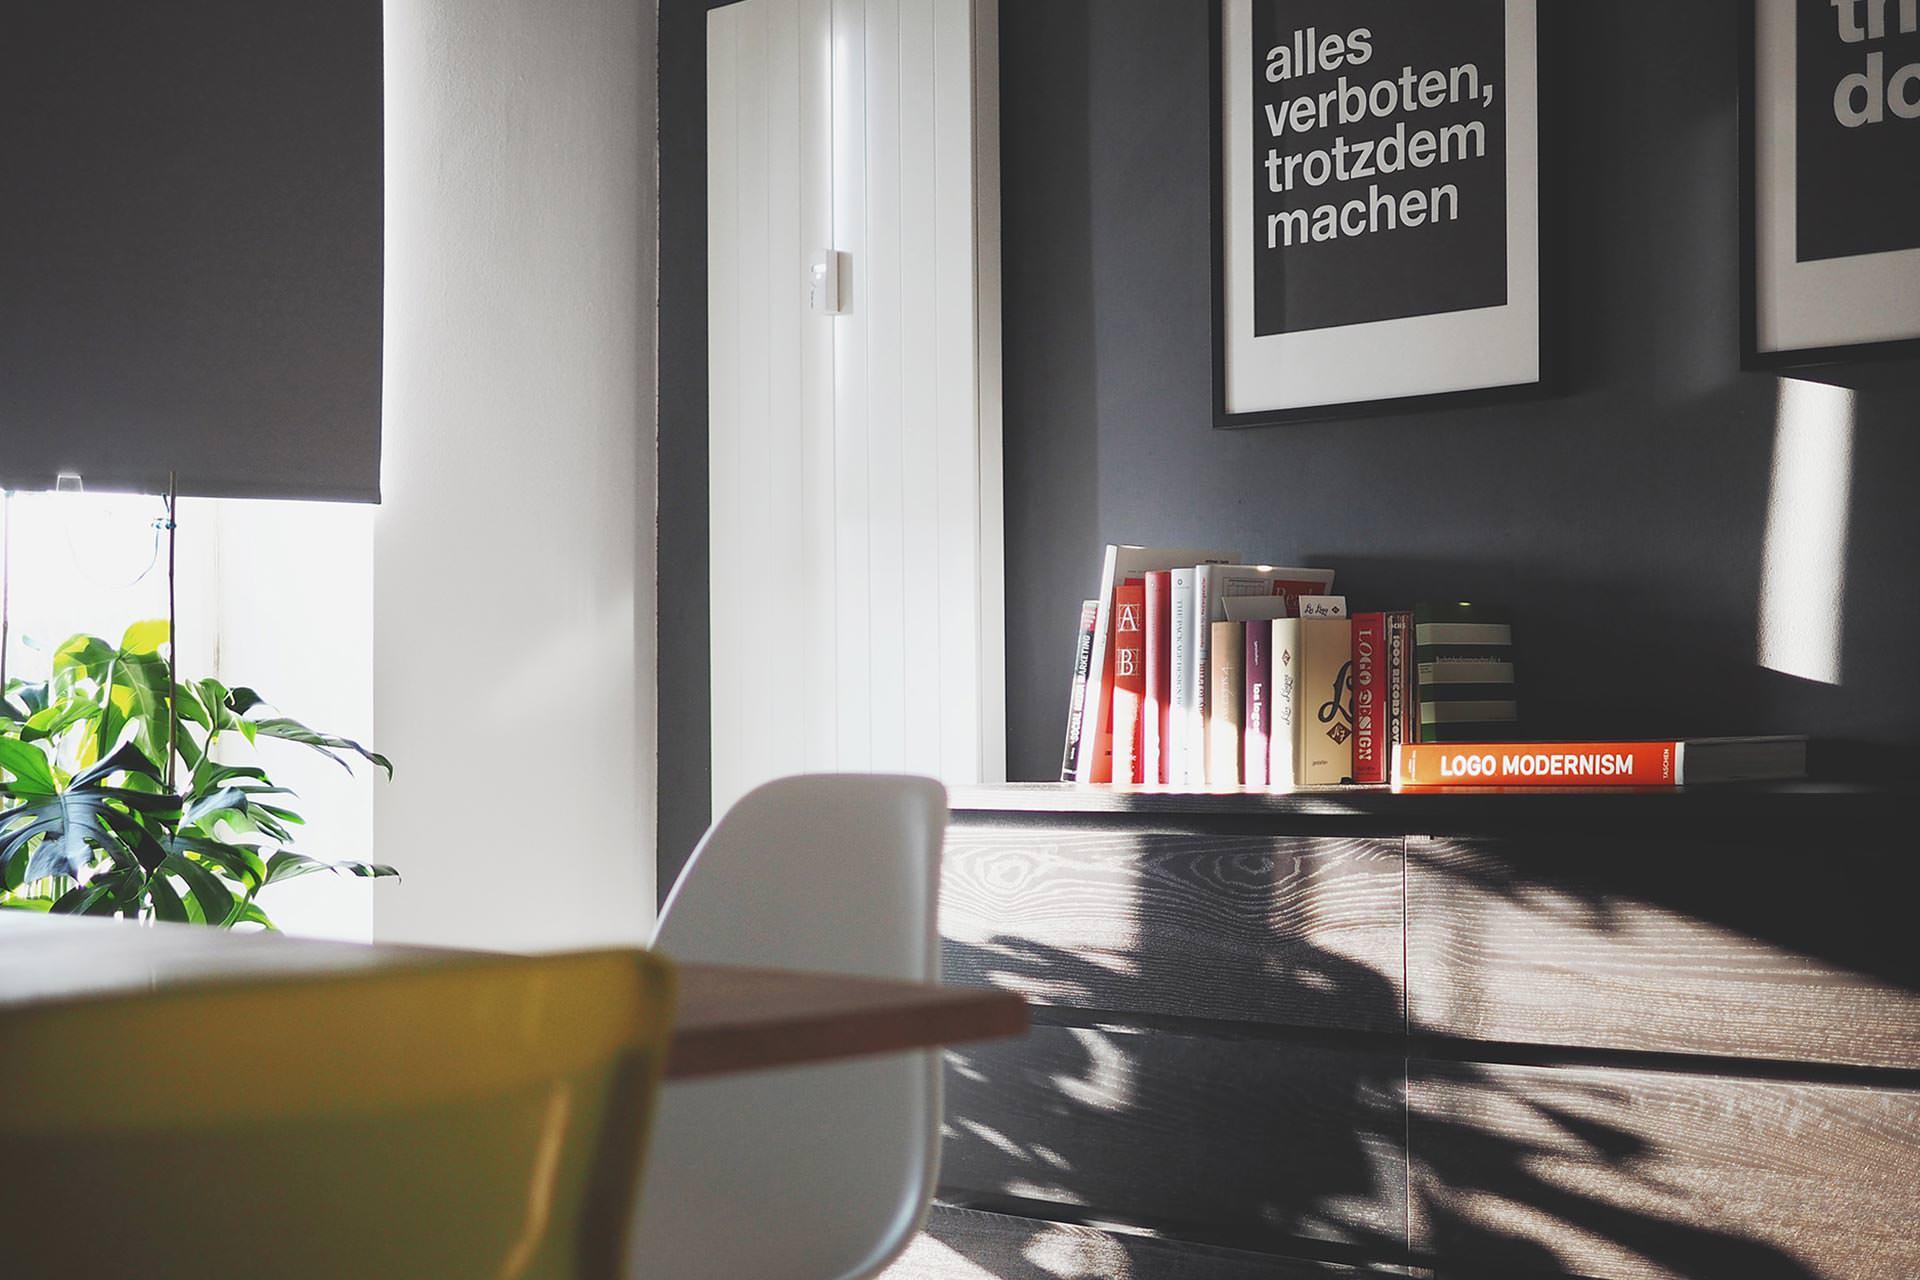 Karriereinterview und Job Story mit Elisa Zunder, Bloggerin, Agenturinhaberin, Karriere Tipps und Tricks für Frauen, Ratgeber, Karriere Blog, www.whoismocca.com